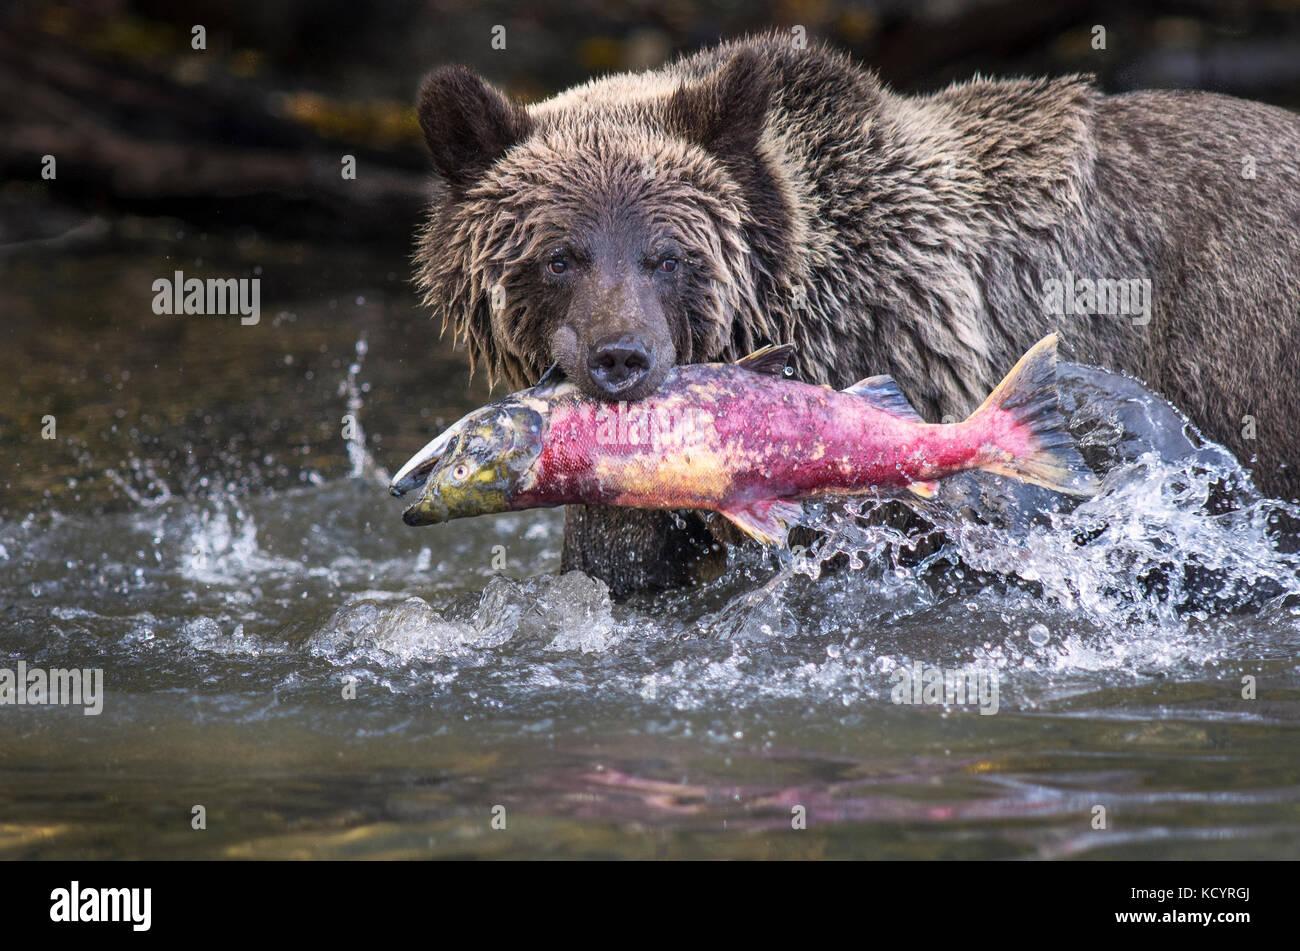 Orso grizzly (Ursus arctos horribilis), secind anno cub in acqua di salmone alimentazione stream sul salmone sockeye Immagini Stock